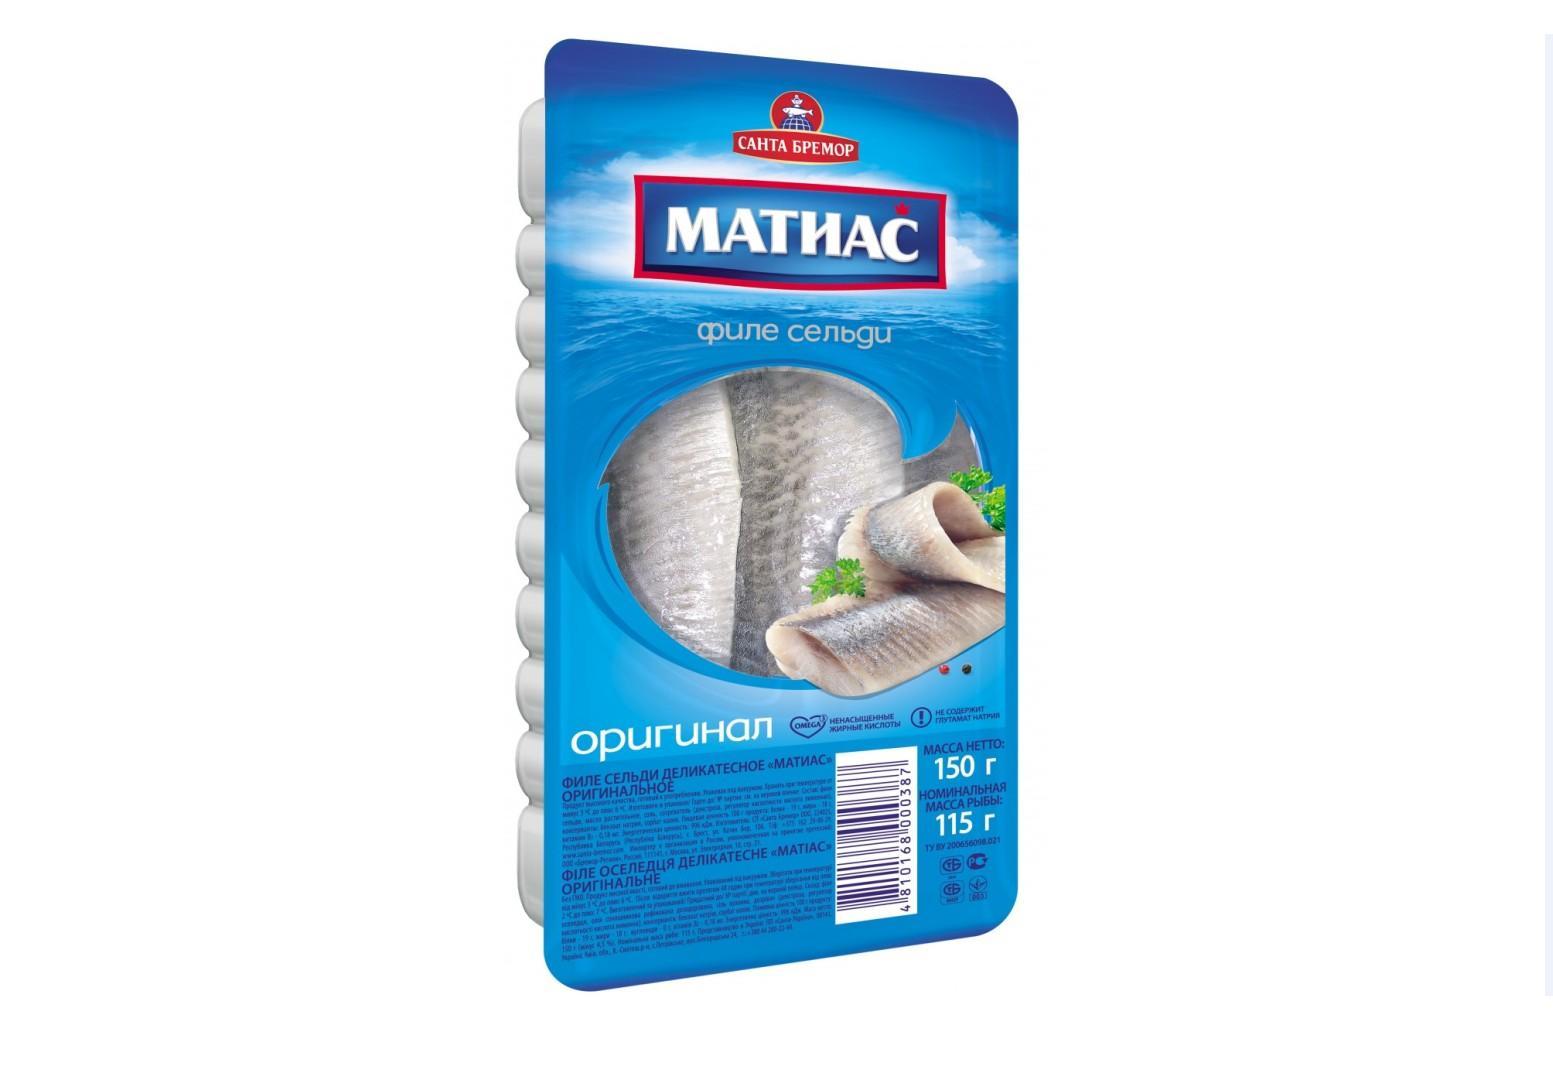 Матиас,филе сельди, оригинальное,250гр